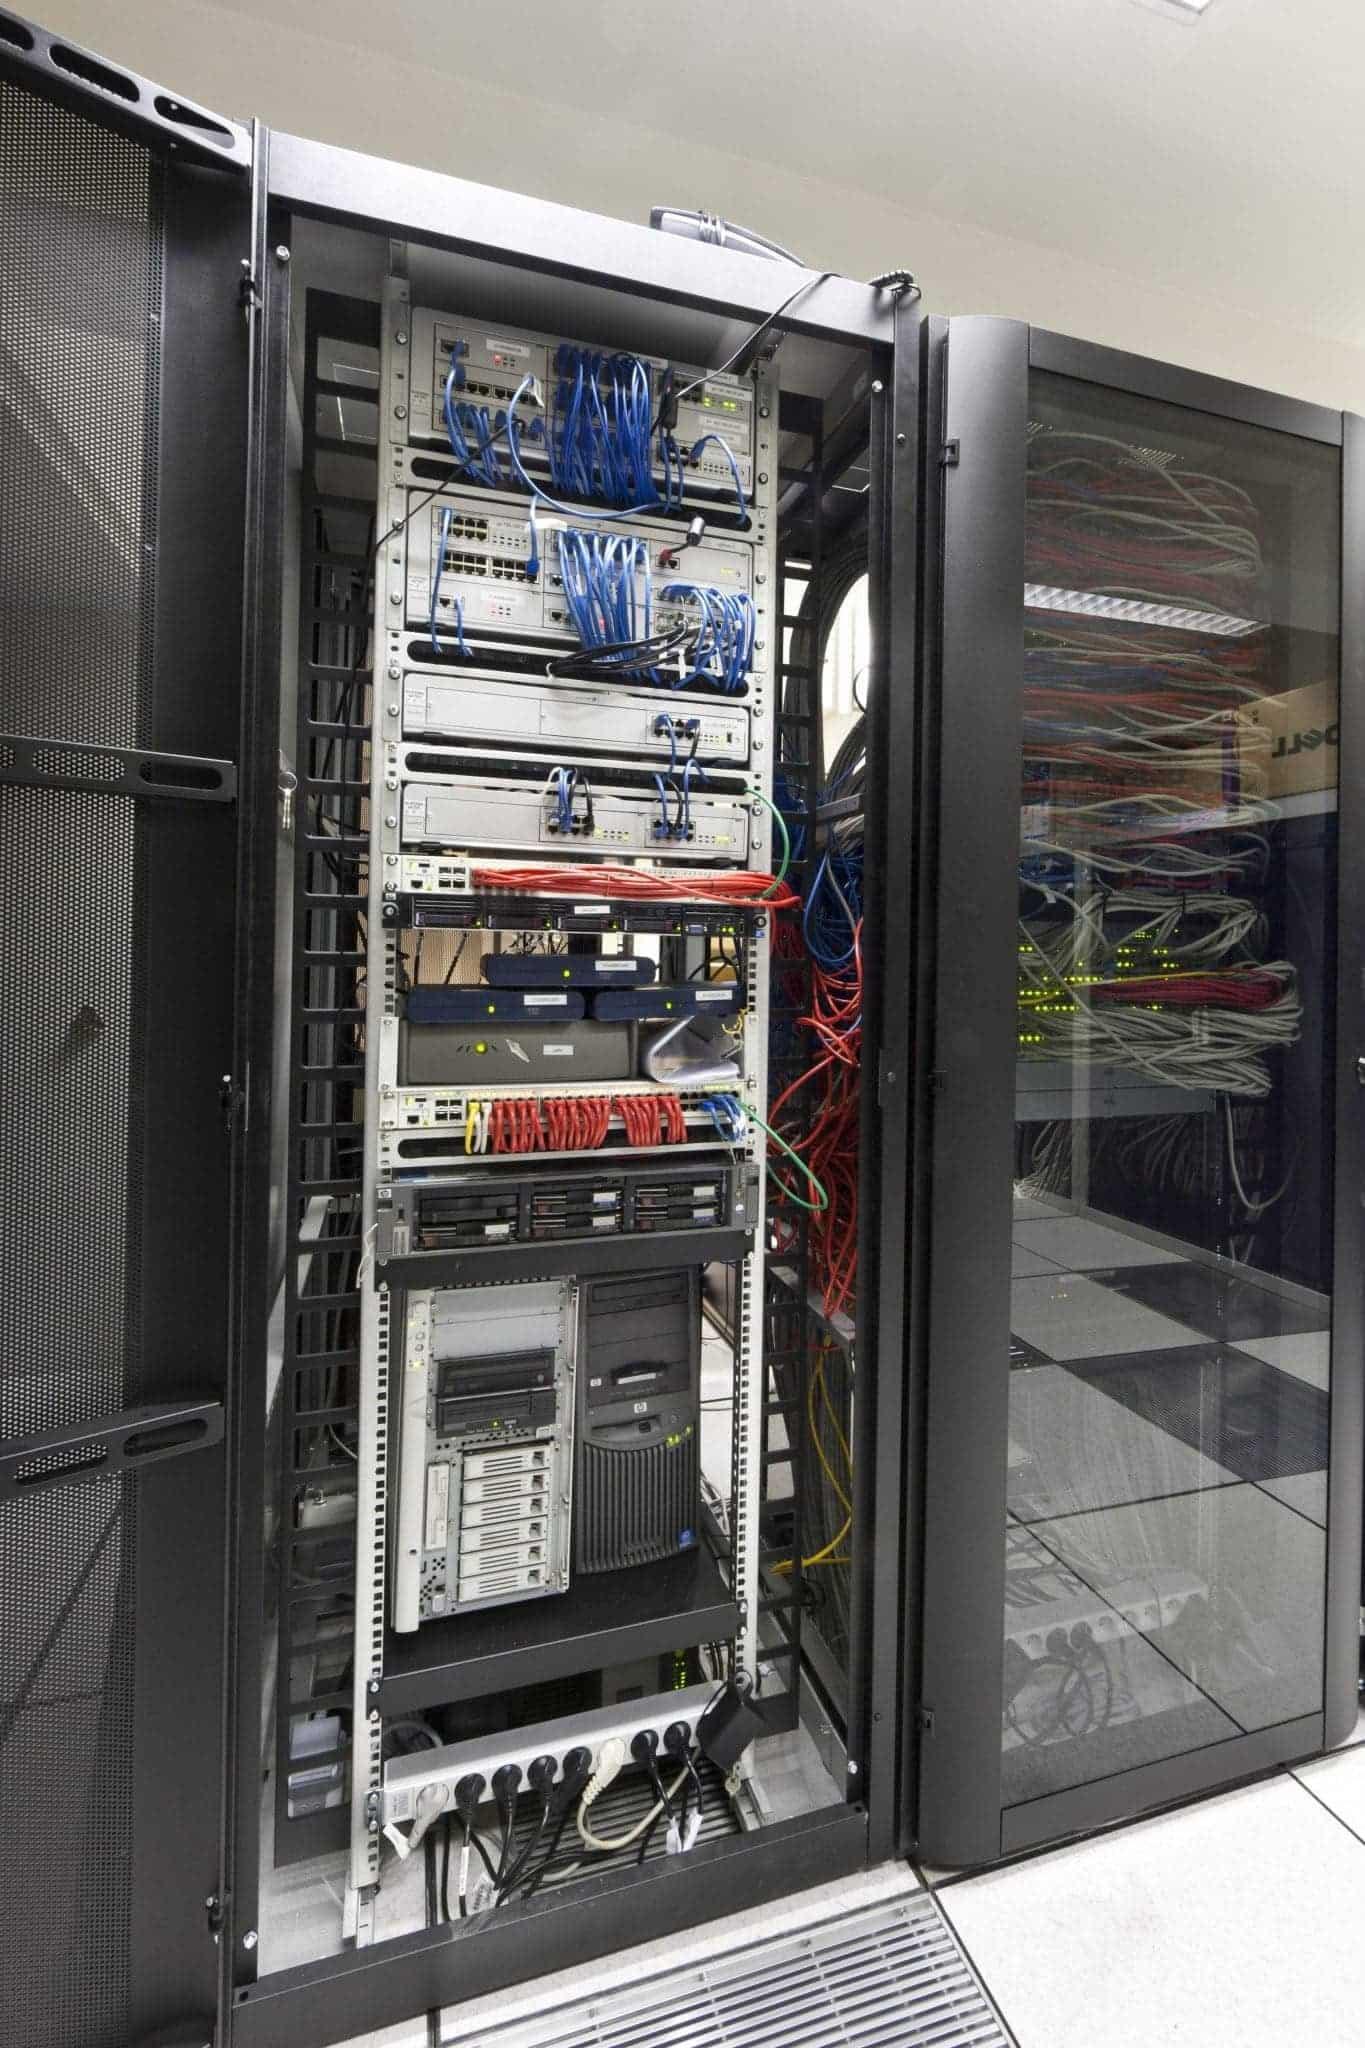 Une baie 42U serveurs dans une salle informatique - Boite d'ordinateur